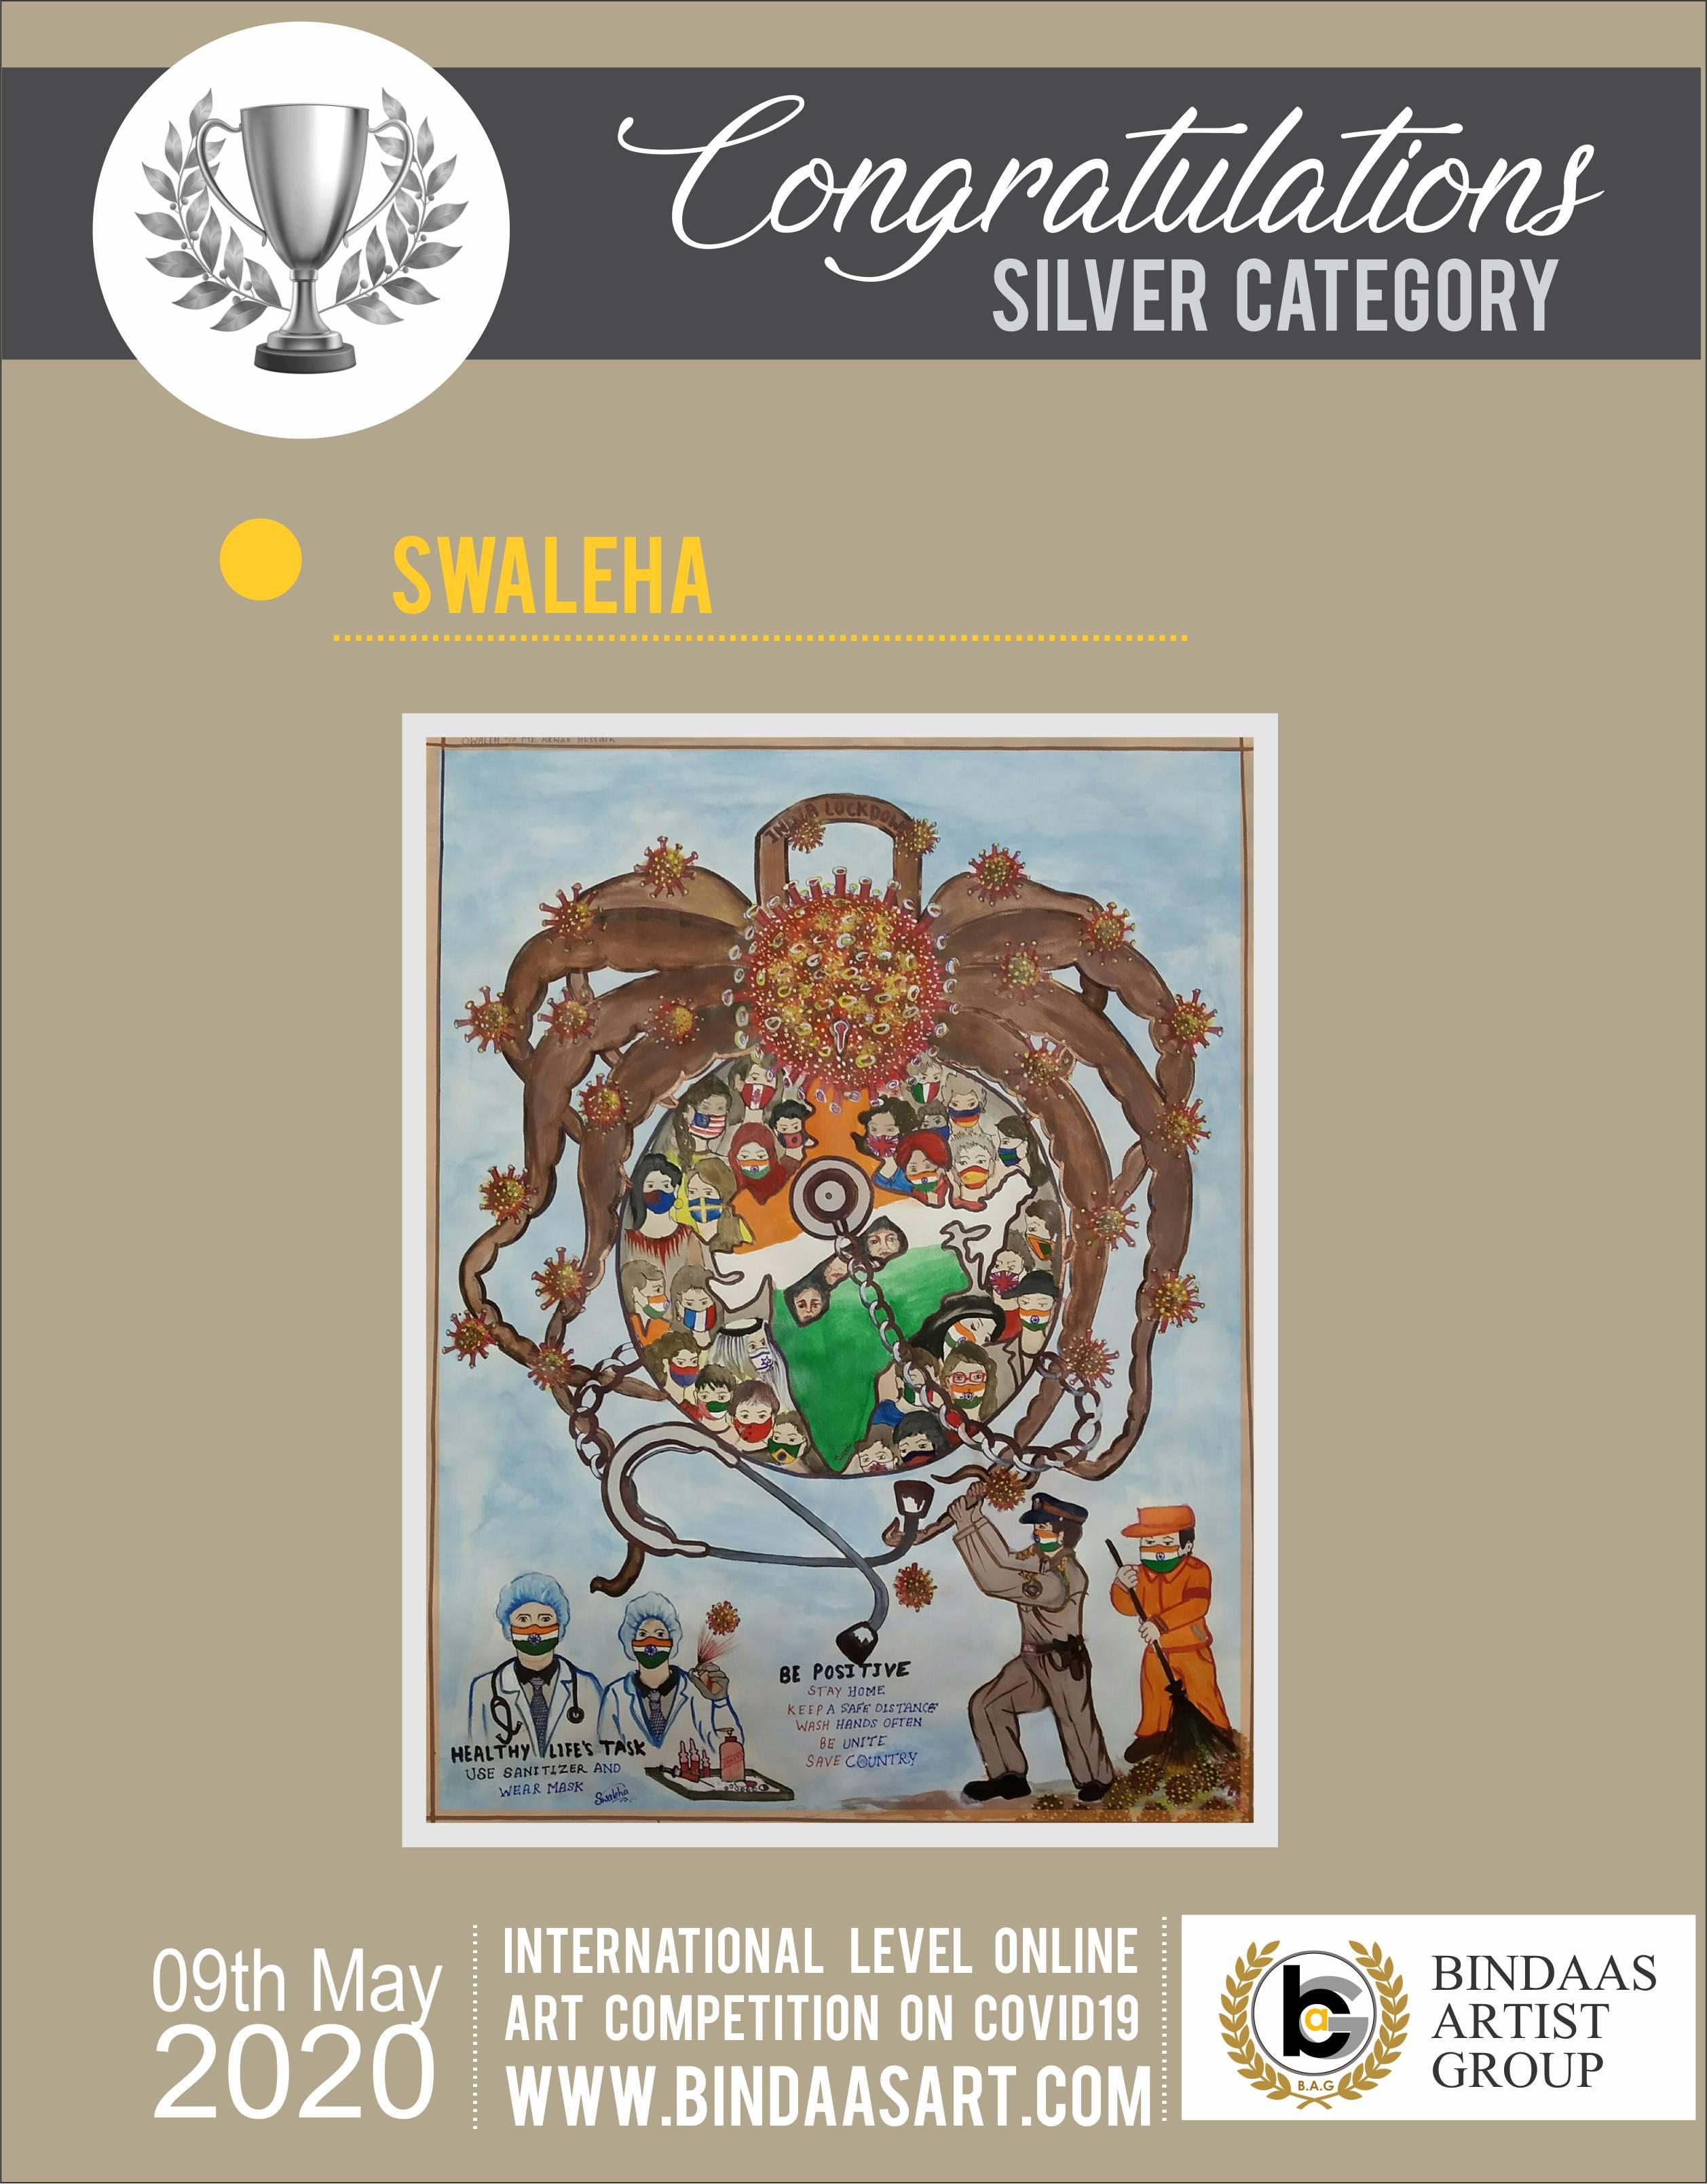 SWALEHA